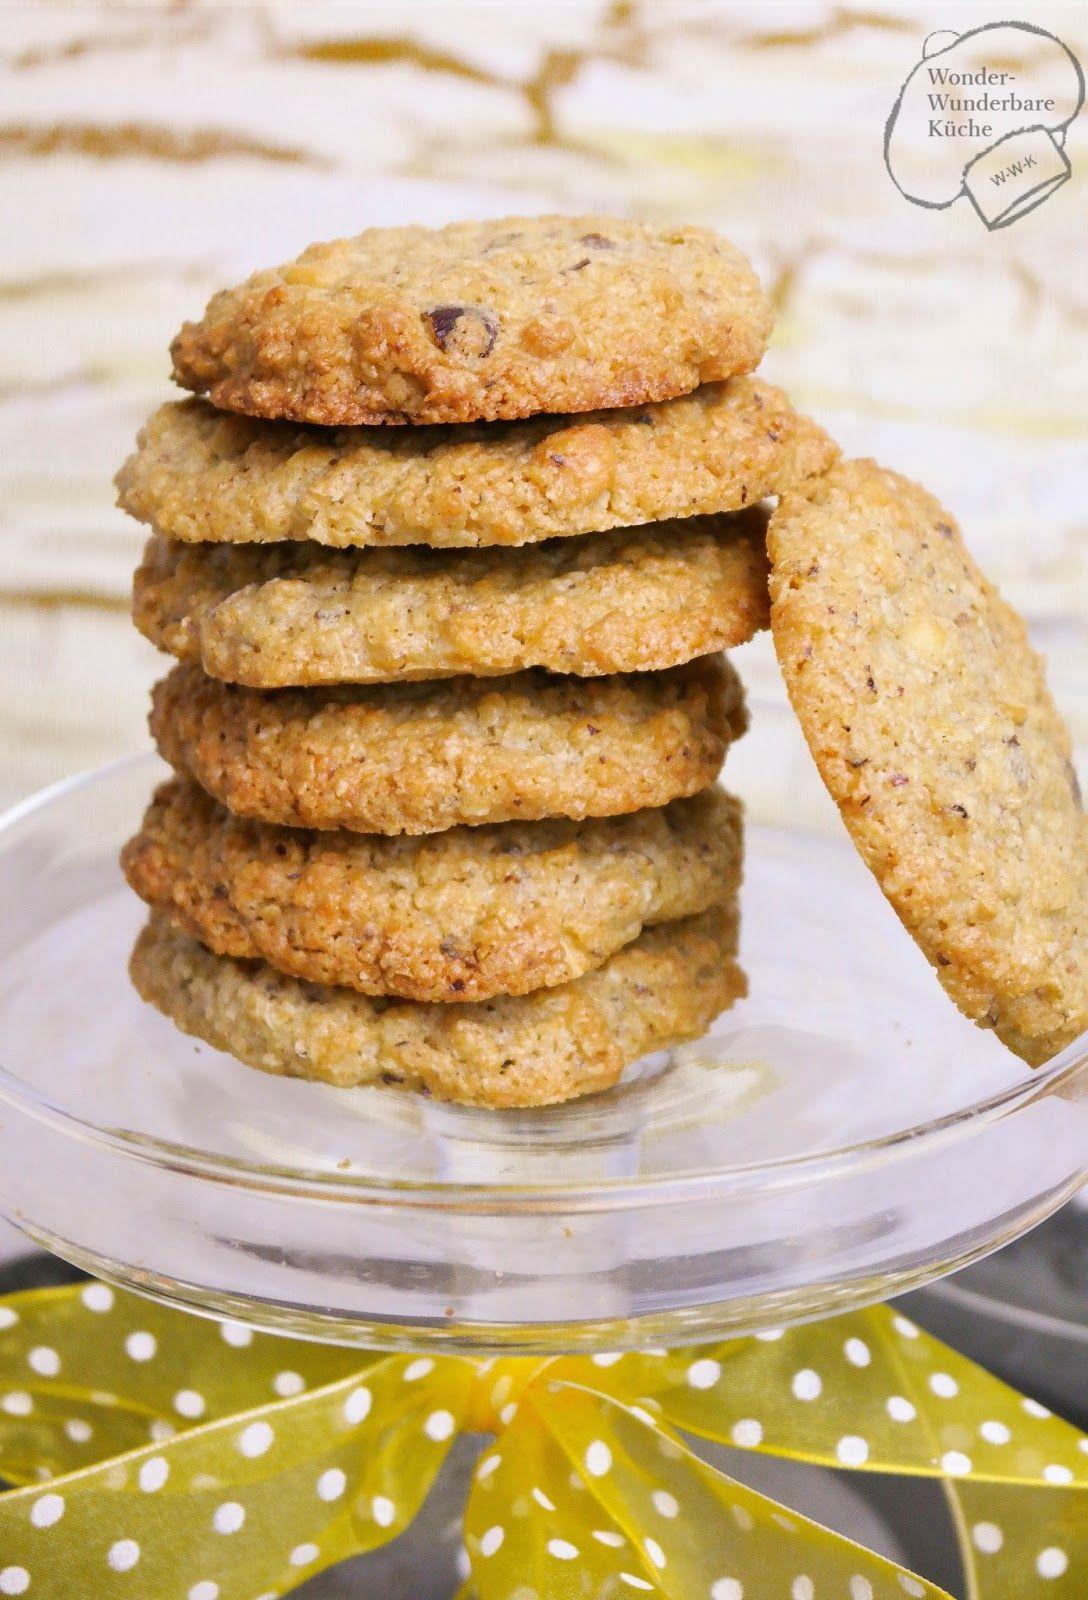 Wonder Wunderbare - Küche: Oatmeal Cookies mit Haselnüssen